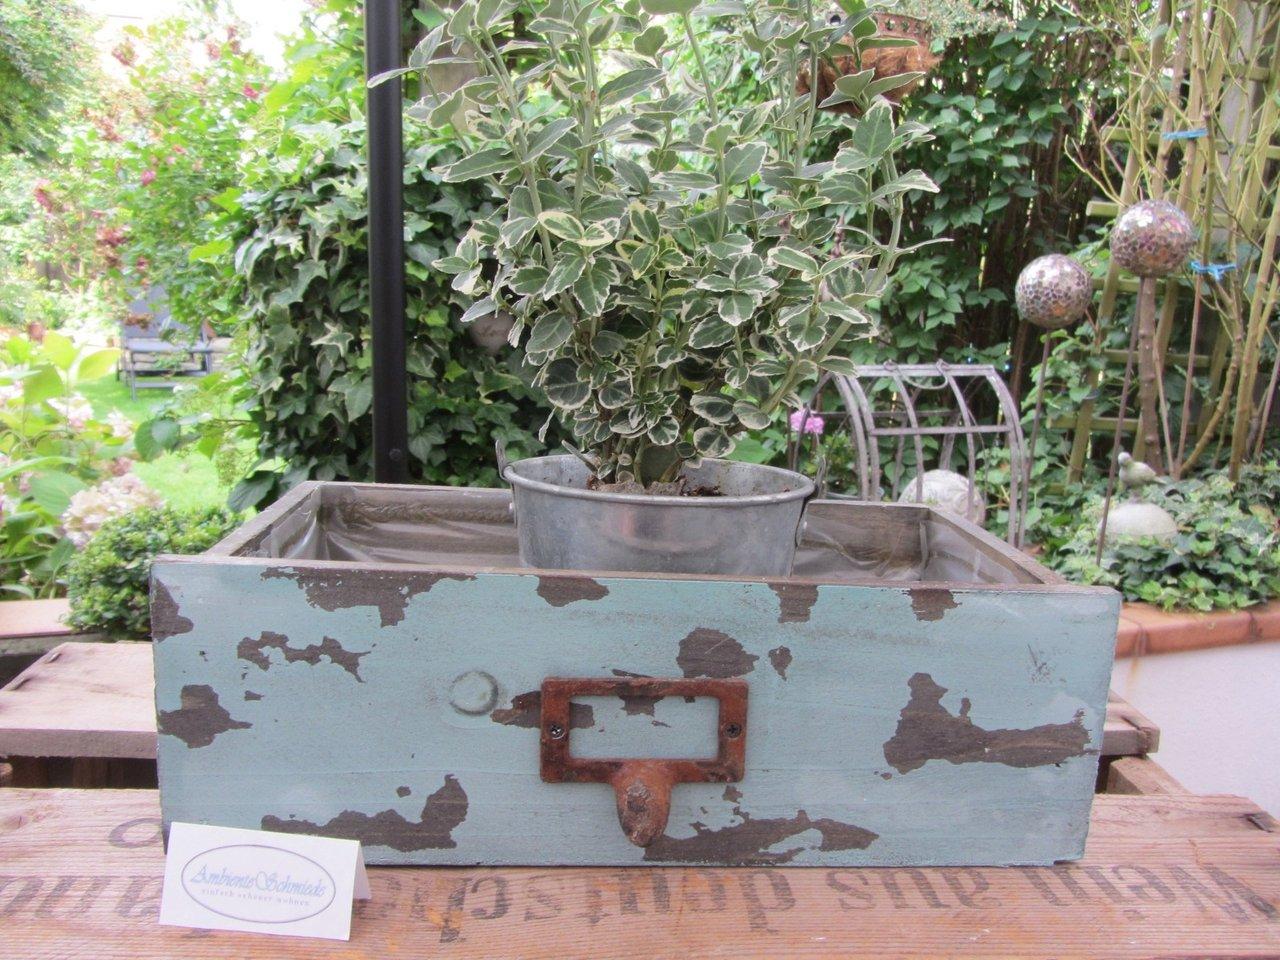 Holz Pflanz-Schublade zum bepflanzen türkis Deko Garten Vintage ...